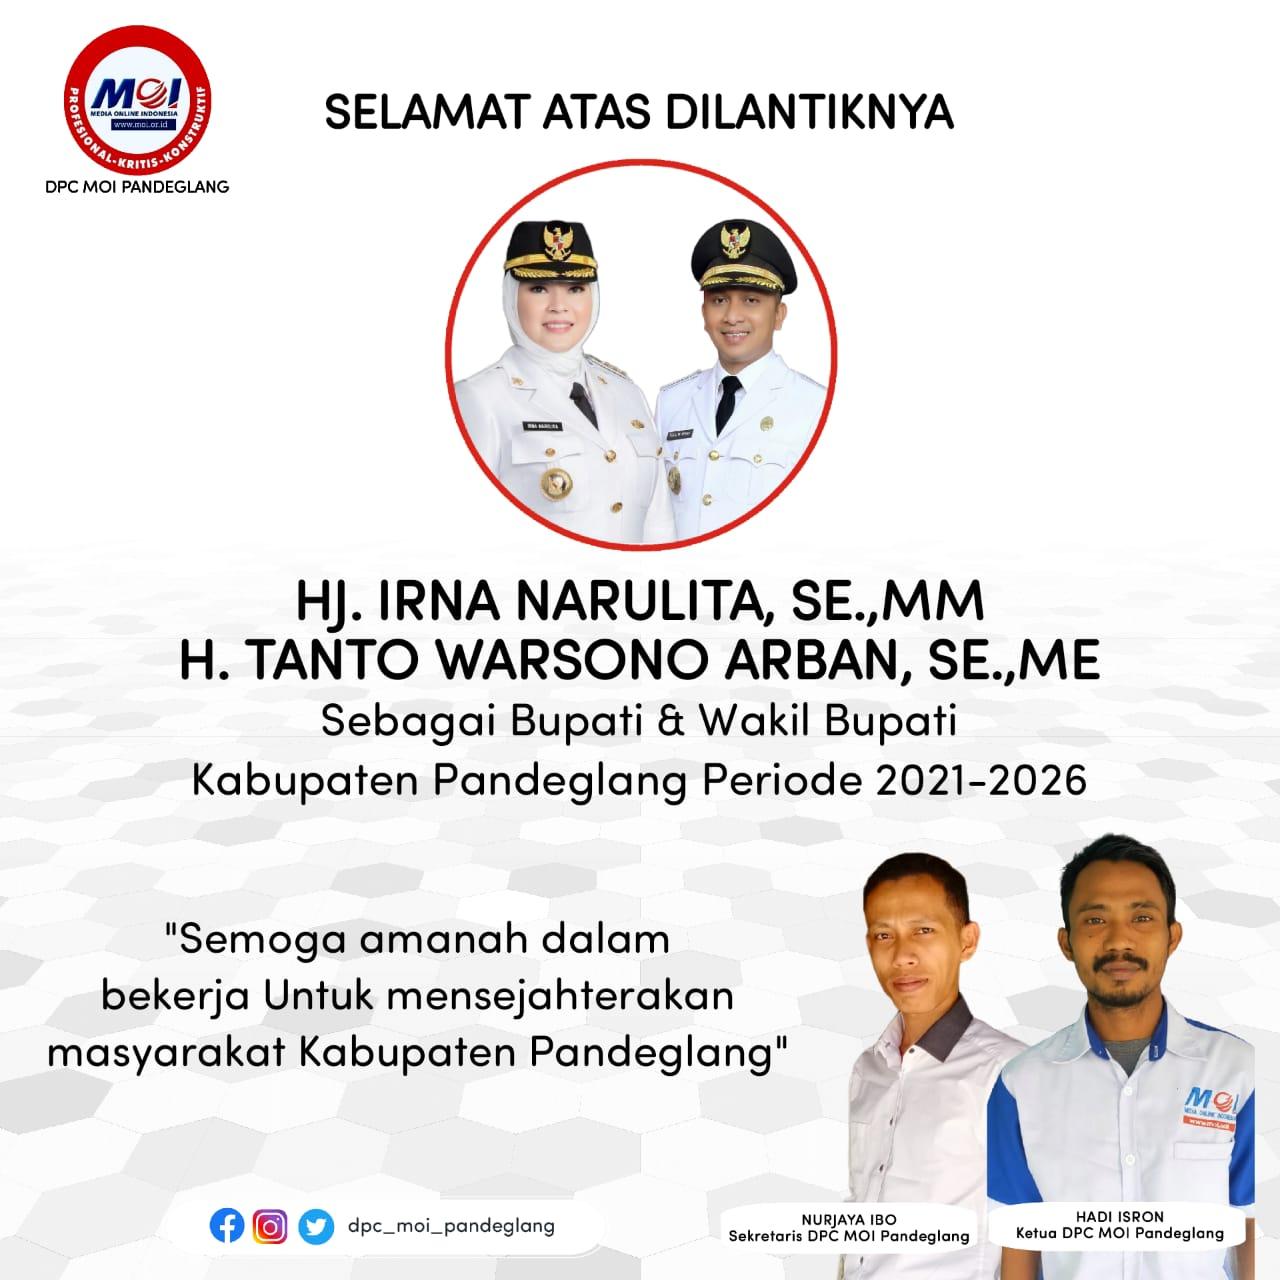 Gambar DPC MOI Pandeglang Ucapkan Selamat Atas Dilantiknya Bupati & Wakil Bupati Pandeglang 7